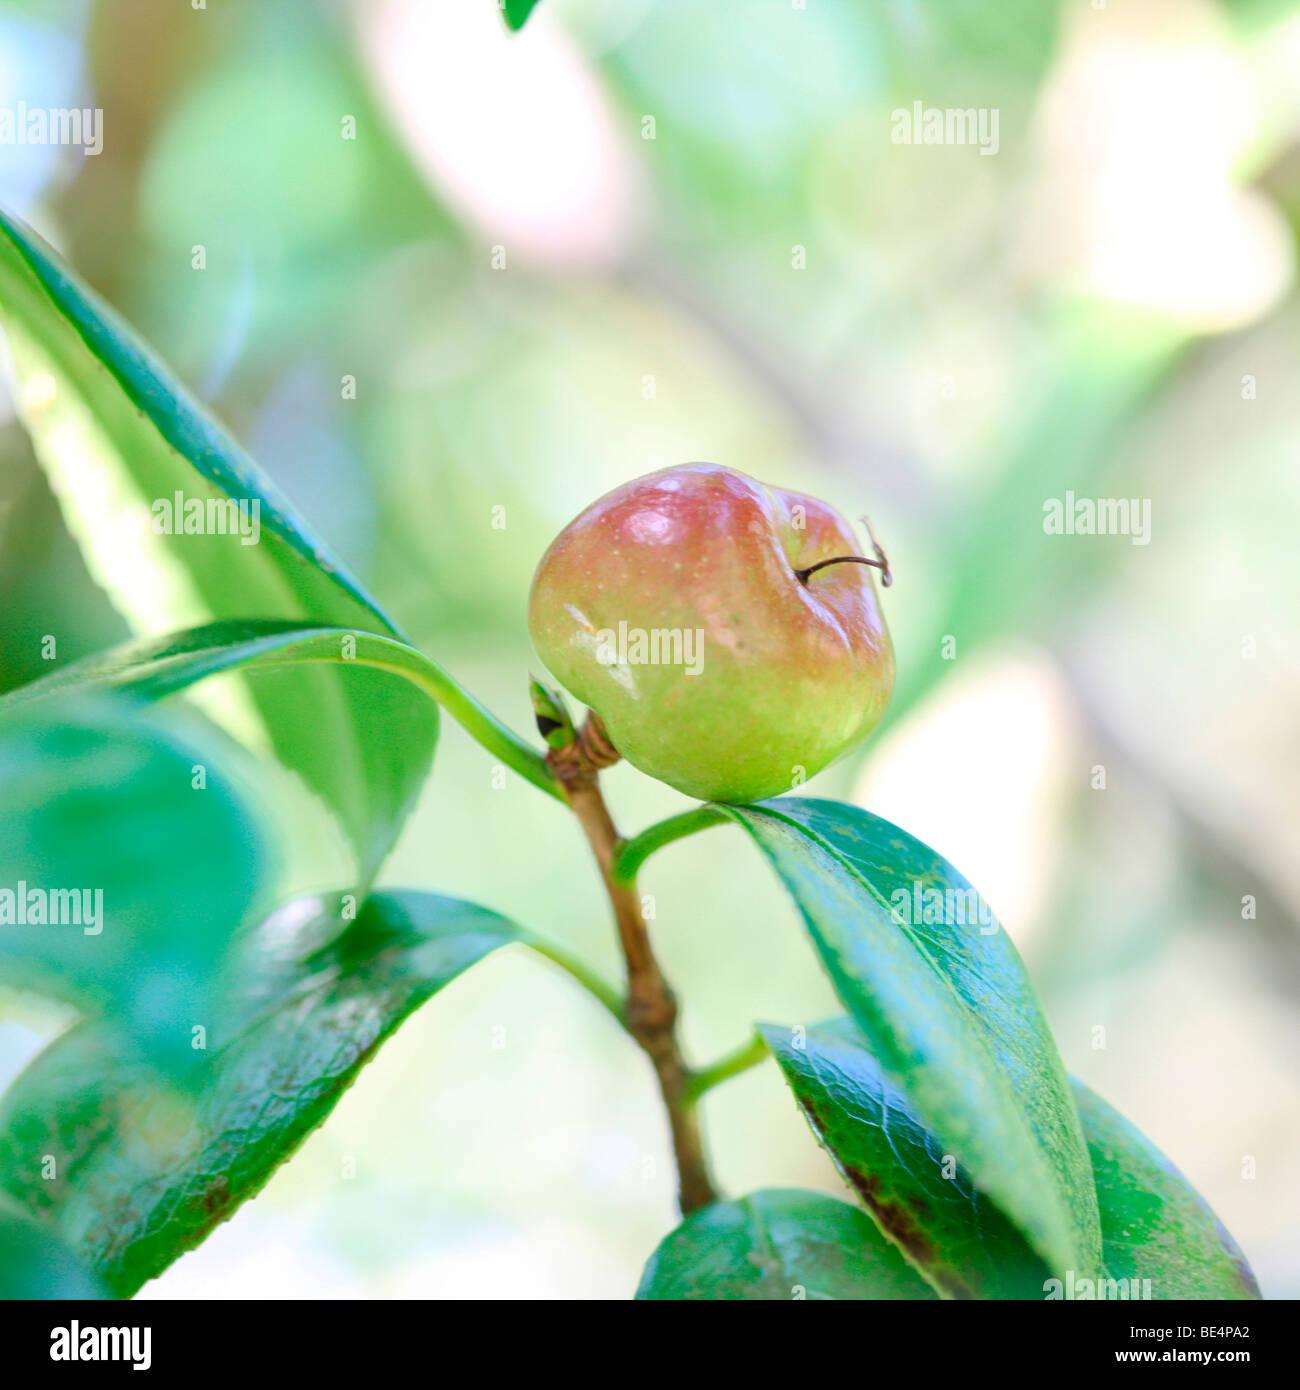 Camellia japonica Fruit l'été à l'automne changement de saison - fine art photography Photographie Photo Stock